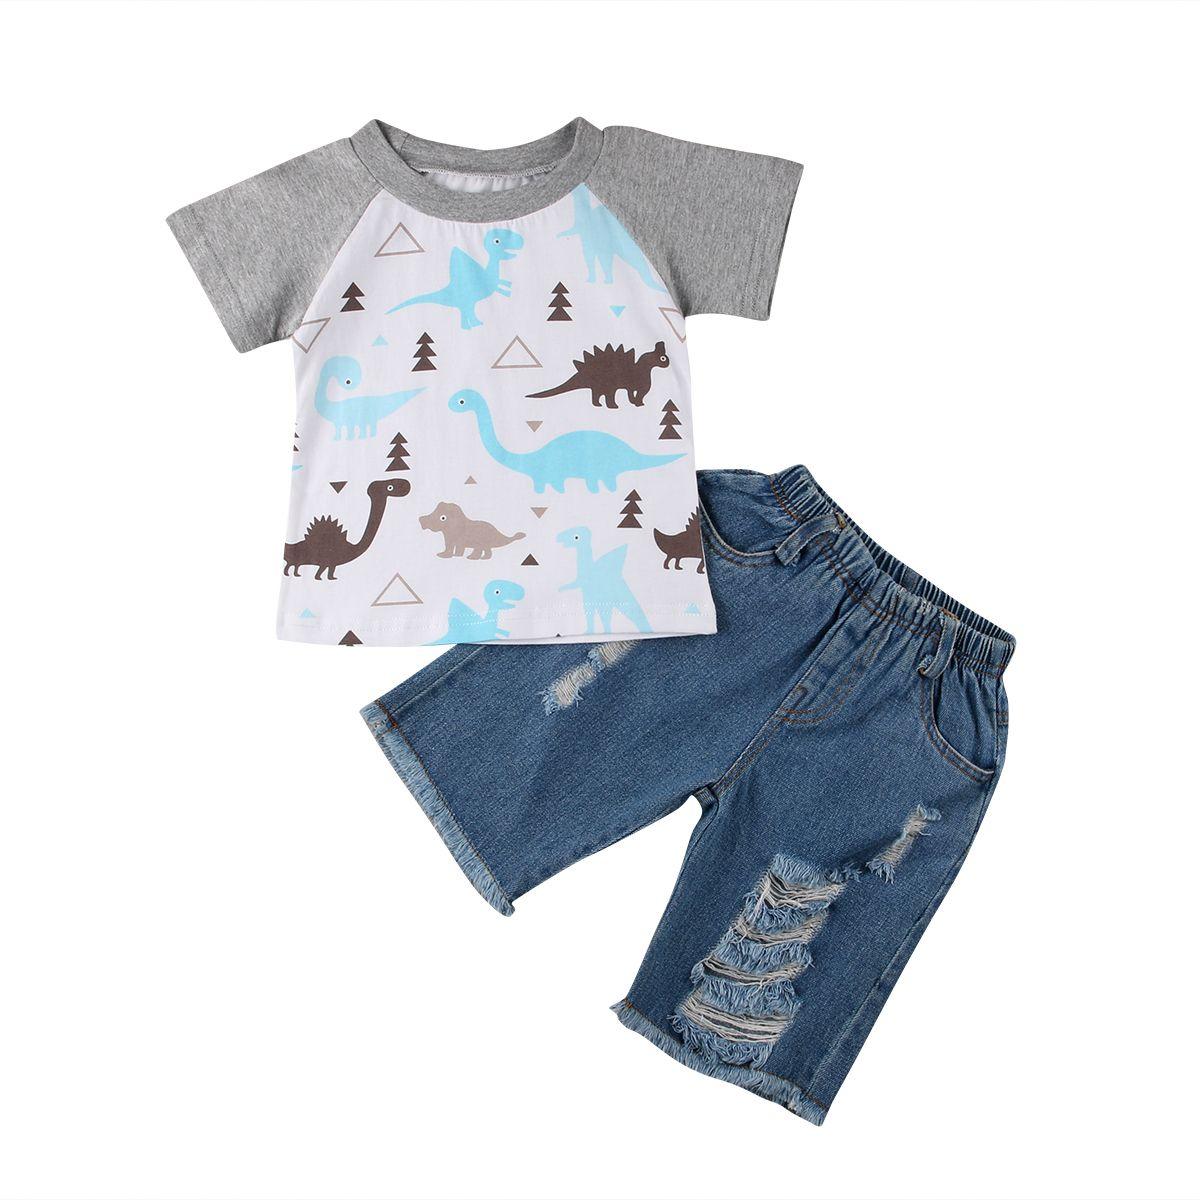 102d431b91a7c Acheter Bambin Enfants Bébé Garçons Vêtements Ensemble Manches Courtes  Dinosaure T Shirt Tops + Denim Shorts Pantalons Tenues Vêtements Ensemble  De  36.89 ...